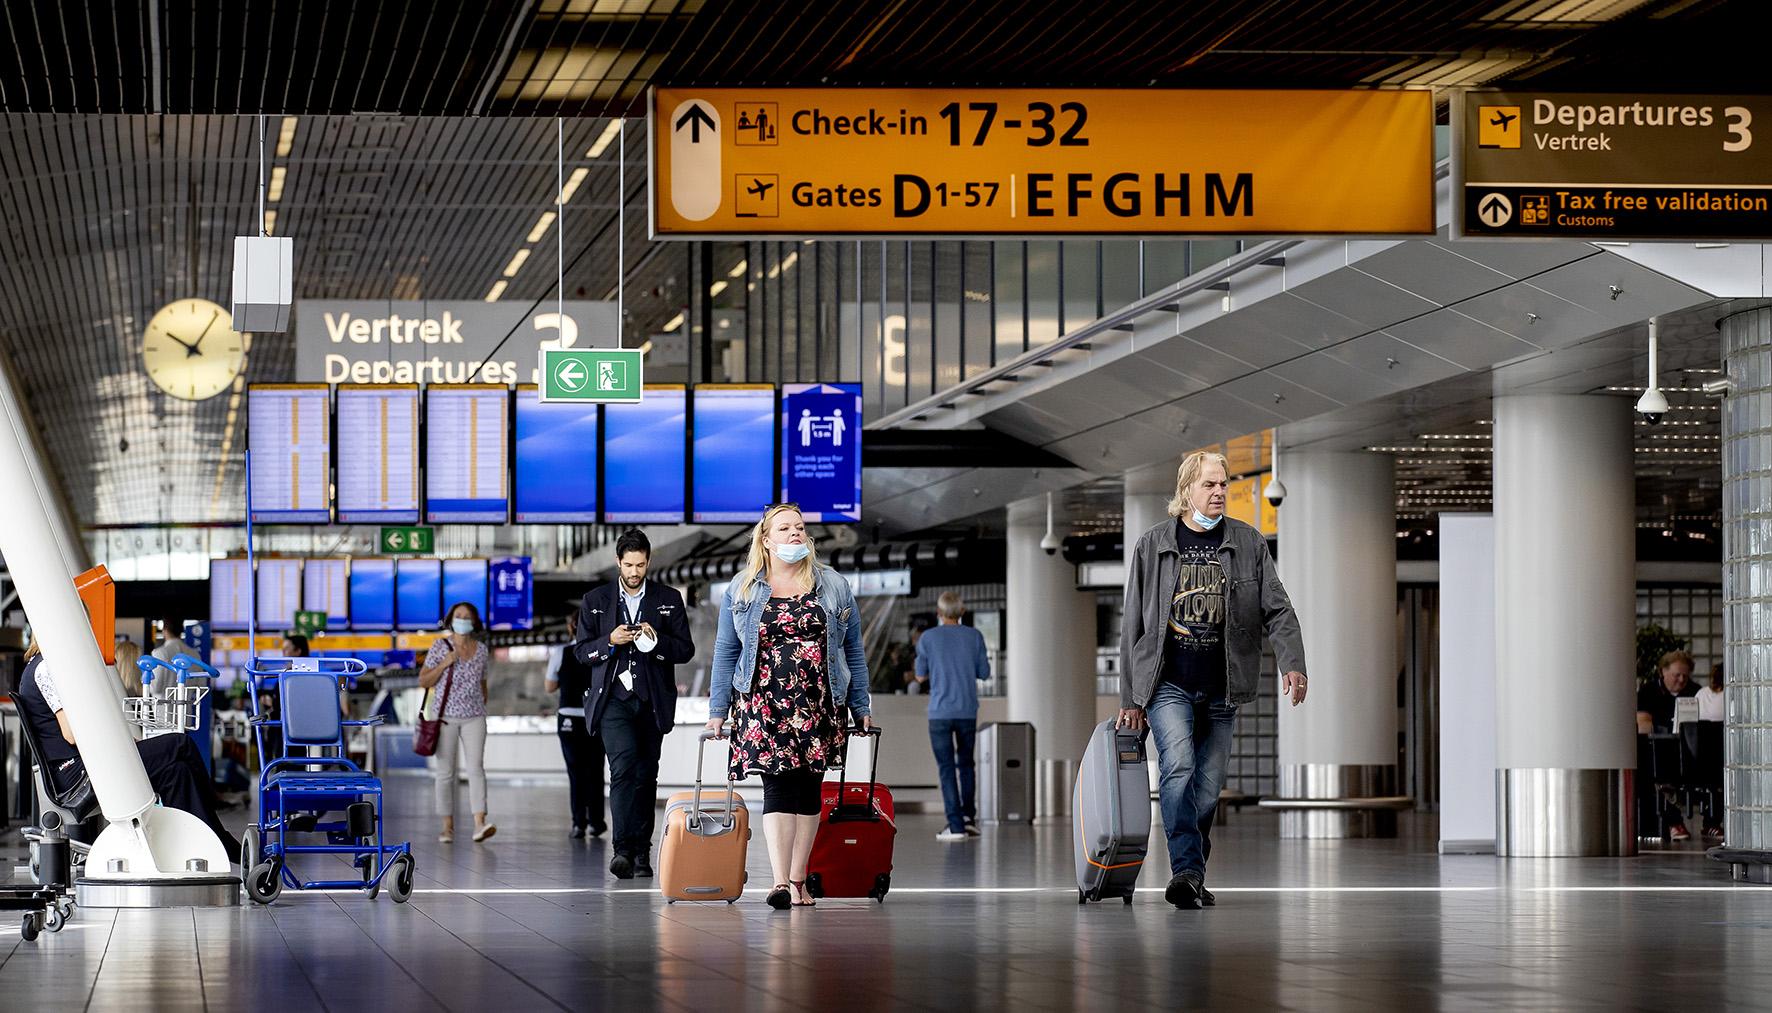 Op deze foto zie je reizigers op luchthaven Schiphol. Het aantal vluchten is toegenomen, sinds er meer Europese landen toegankelijk zijn voor Nederlanders.